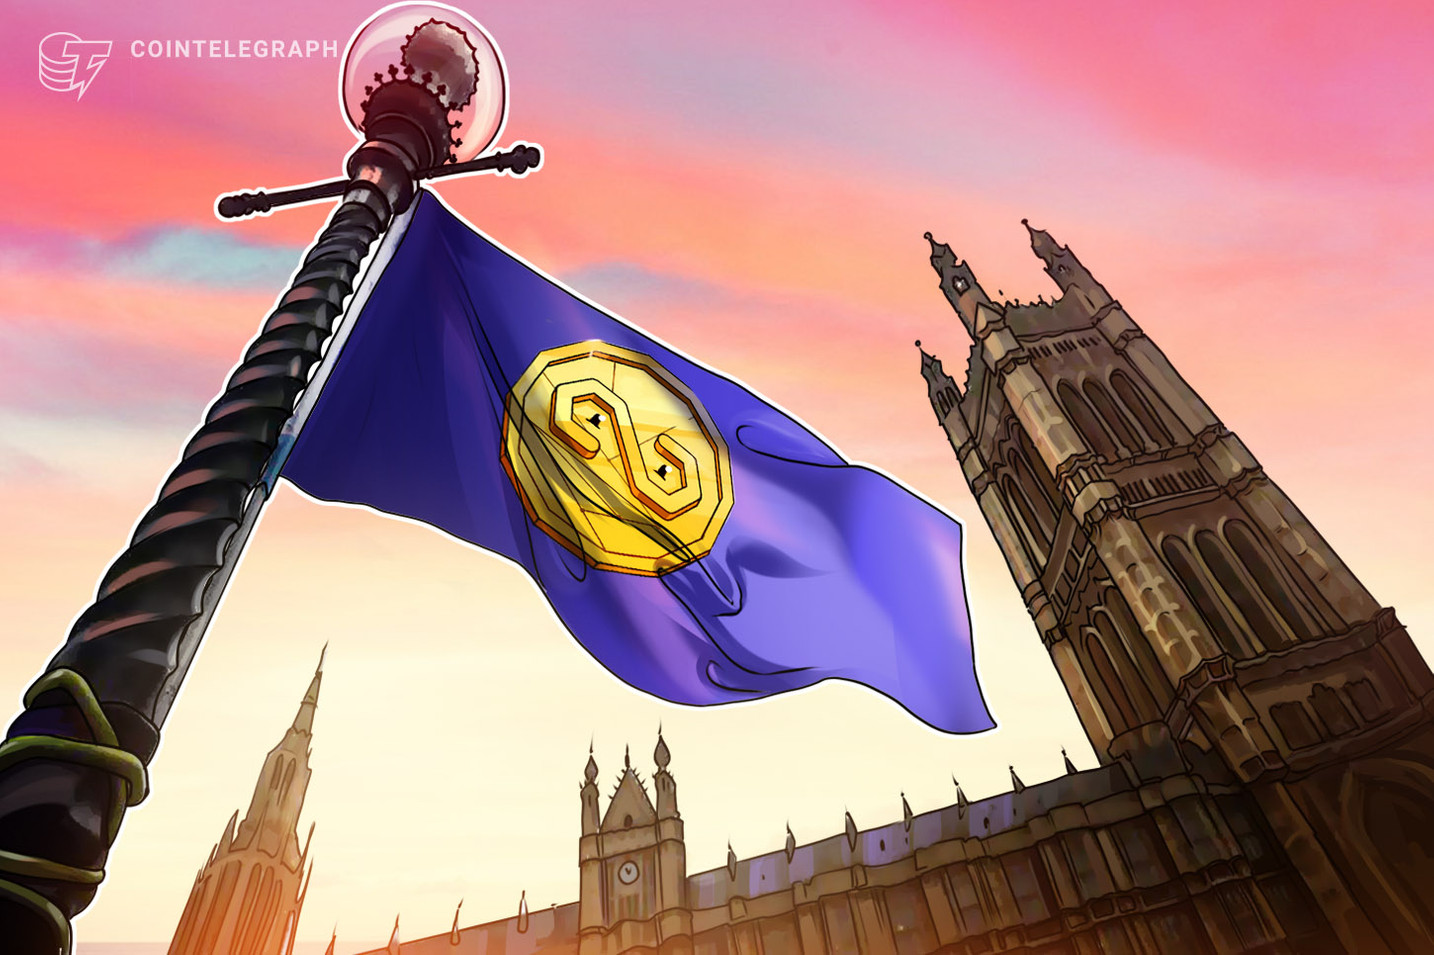 Autoridades do Reino Unido devem se concentrar em regulamentação de stablecoins para evitar monopólios